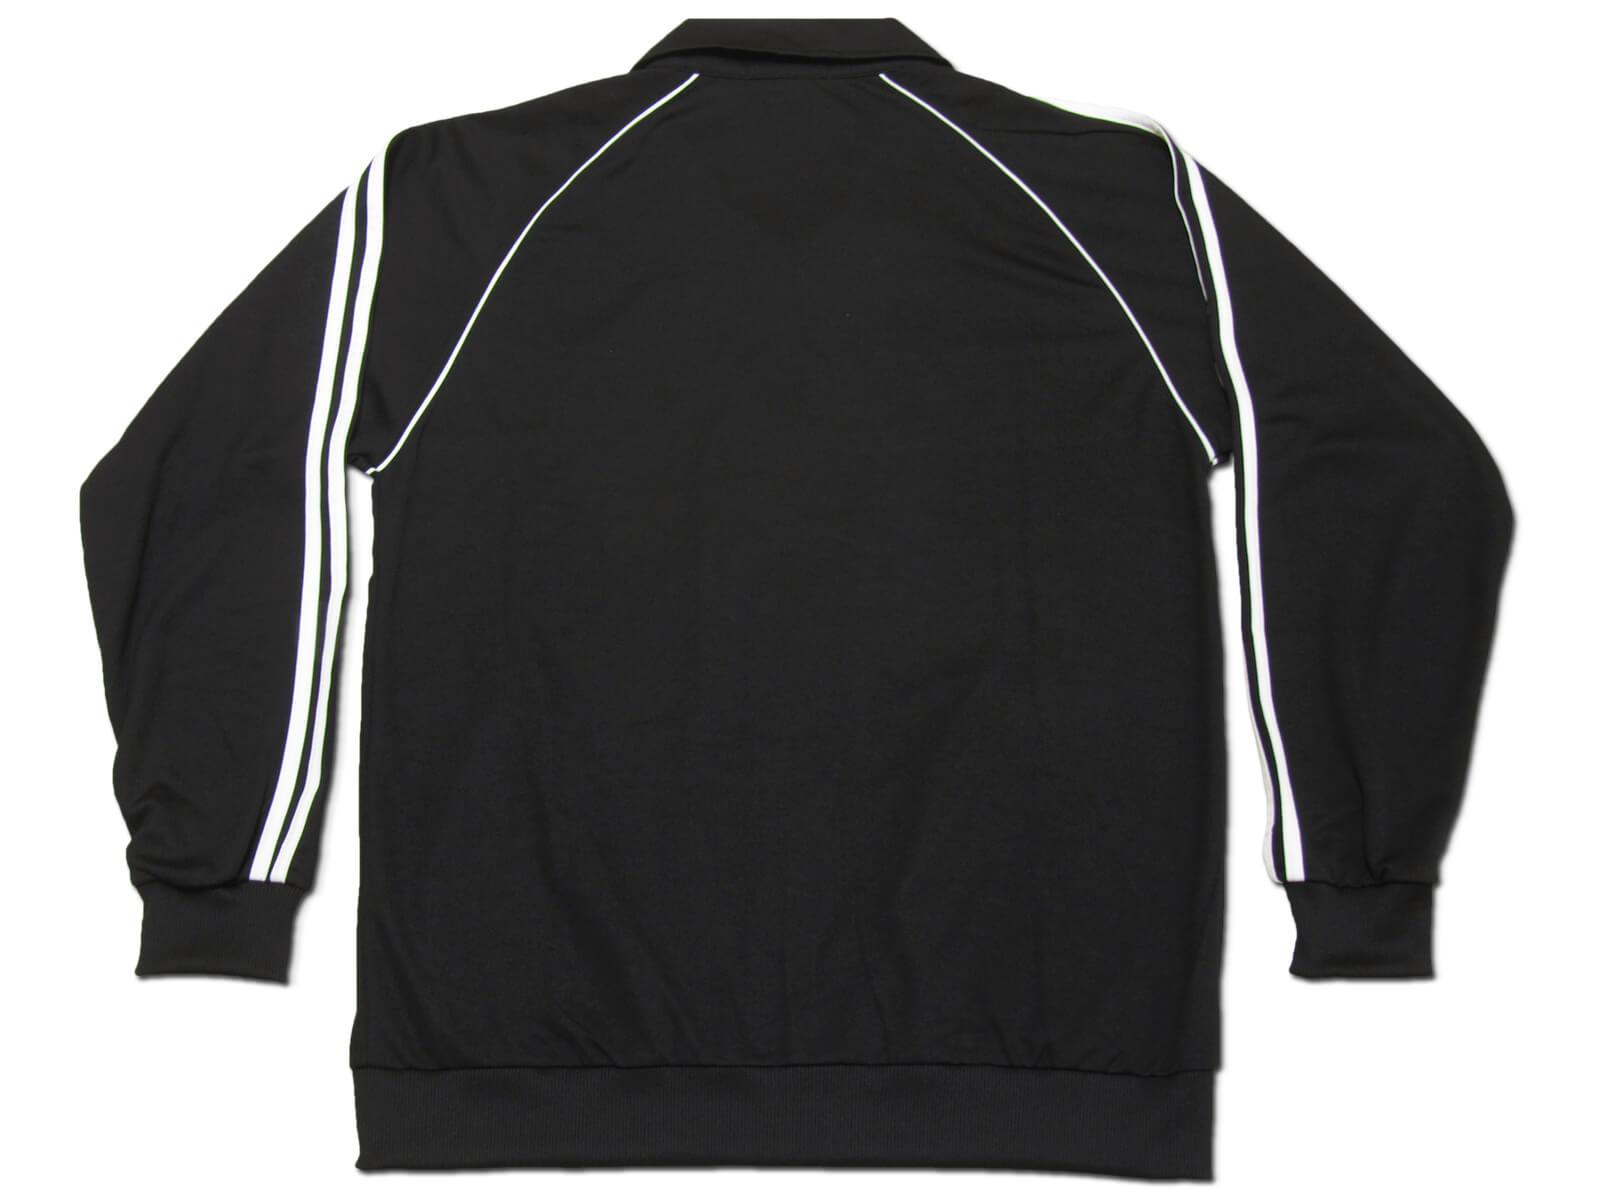 sun-e台灣製吸濕排汗薄外套、運動外套、單層薄外套、防曬外套、手臂配色織帶(310-7789-08)深藍色、(310-7789-21)黑色、(310-7789-22)深灰色 尺寸:L XL(胸圍:44~46英吋)(男女可穿) [實體店面保障] 4